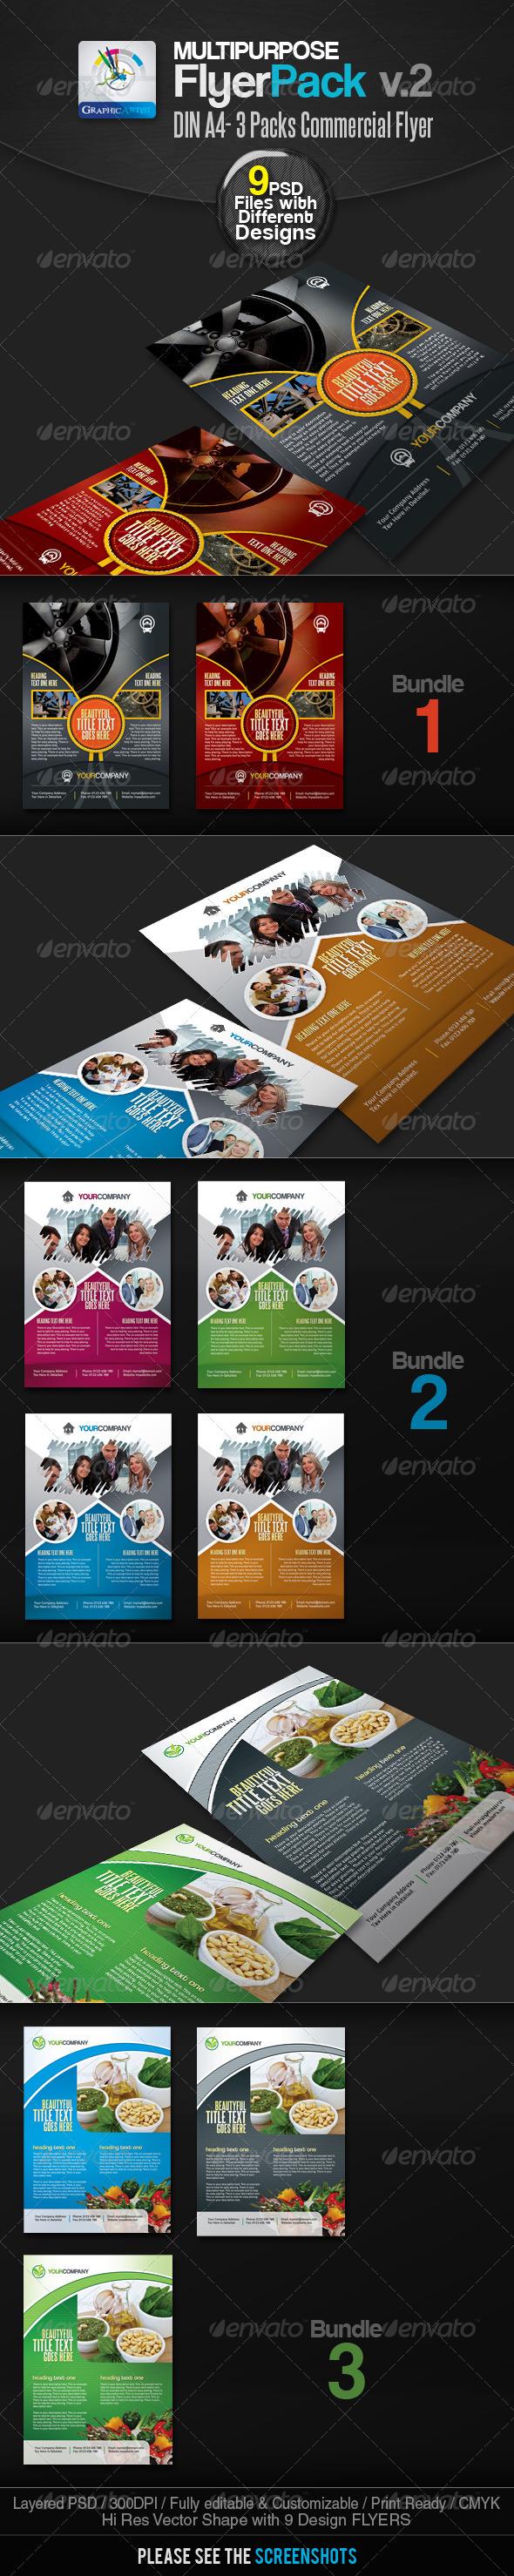 GraphicRiver Multipurpose Commercial Flyer Bundle v.2 2538646